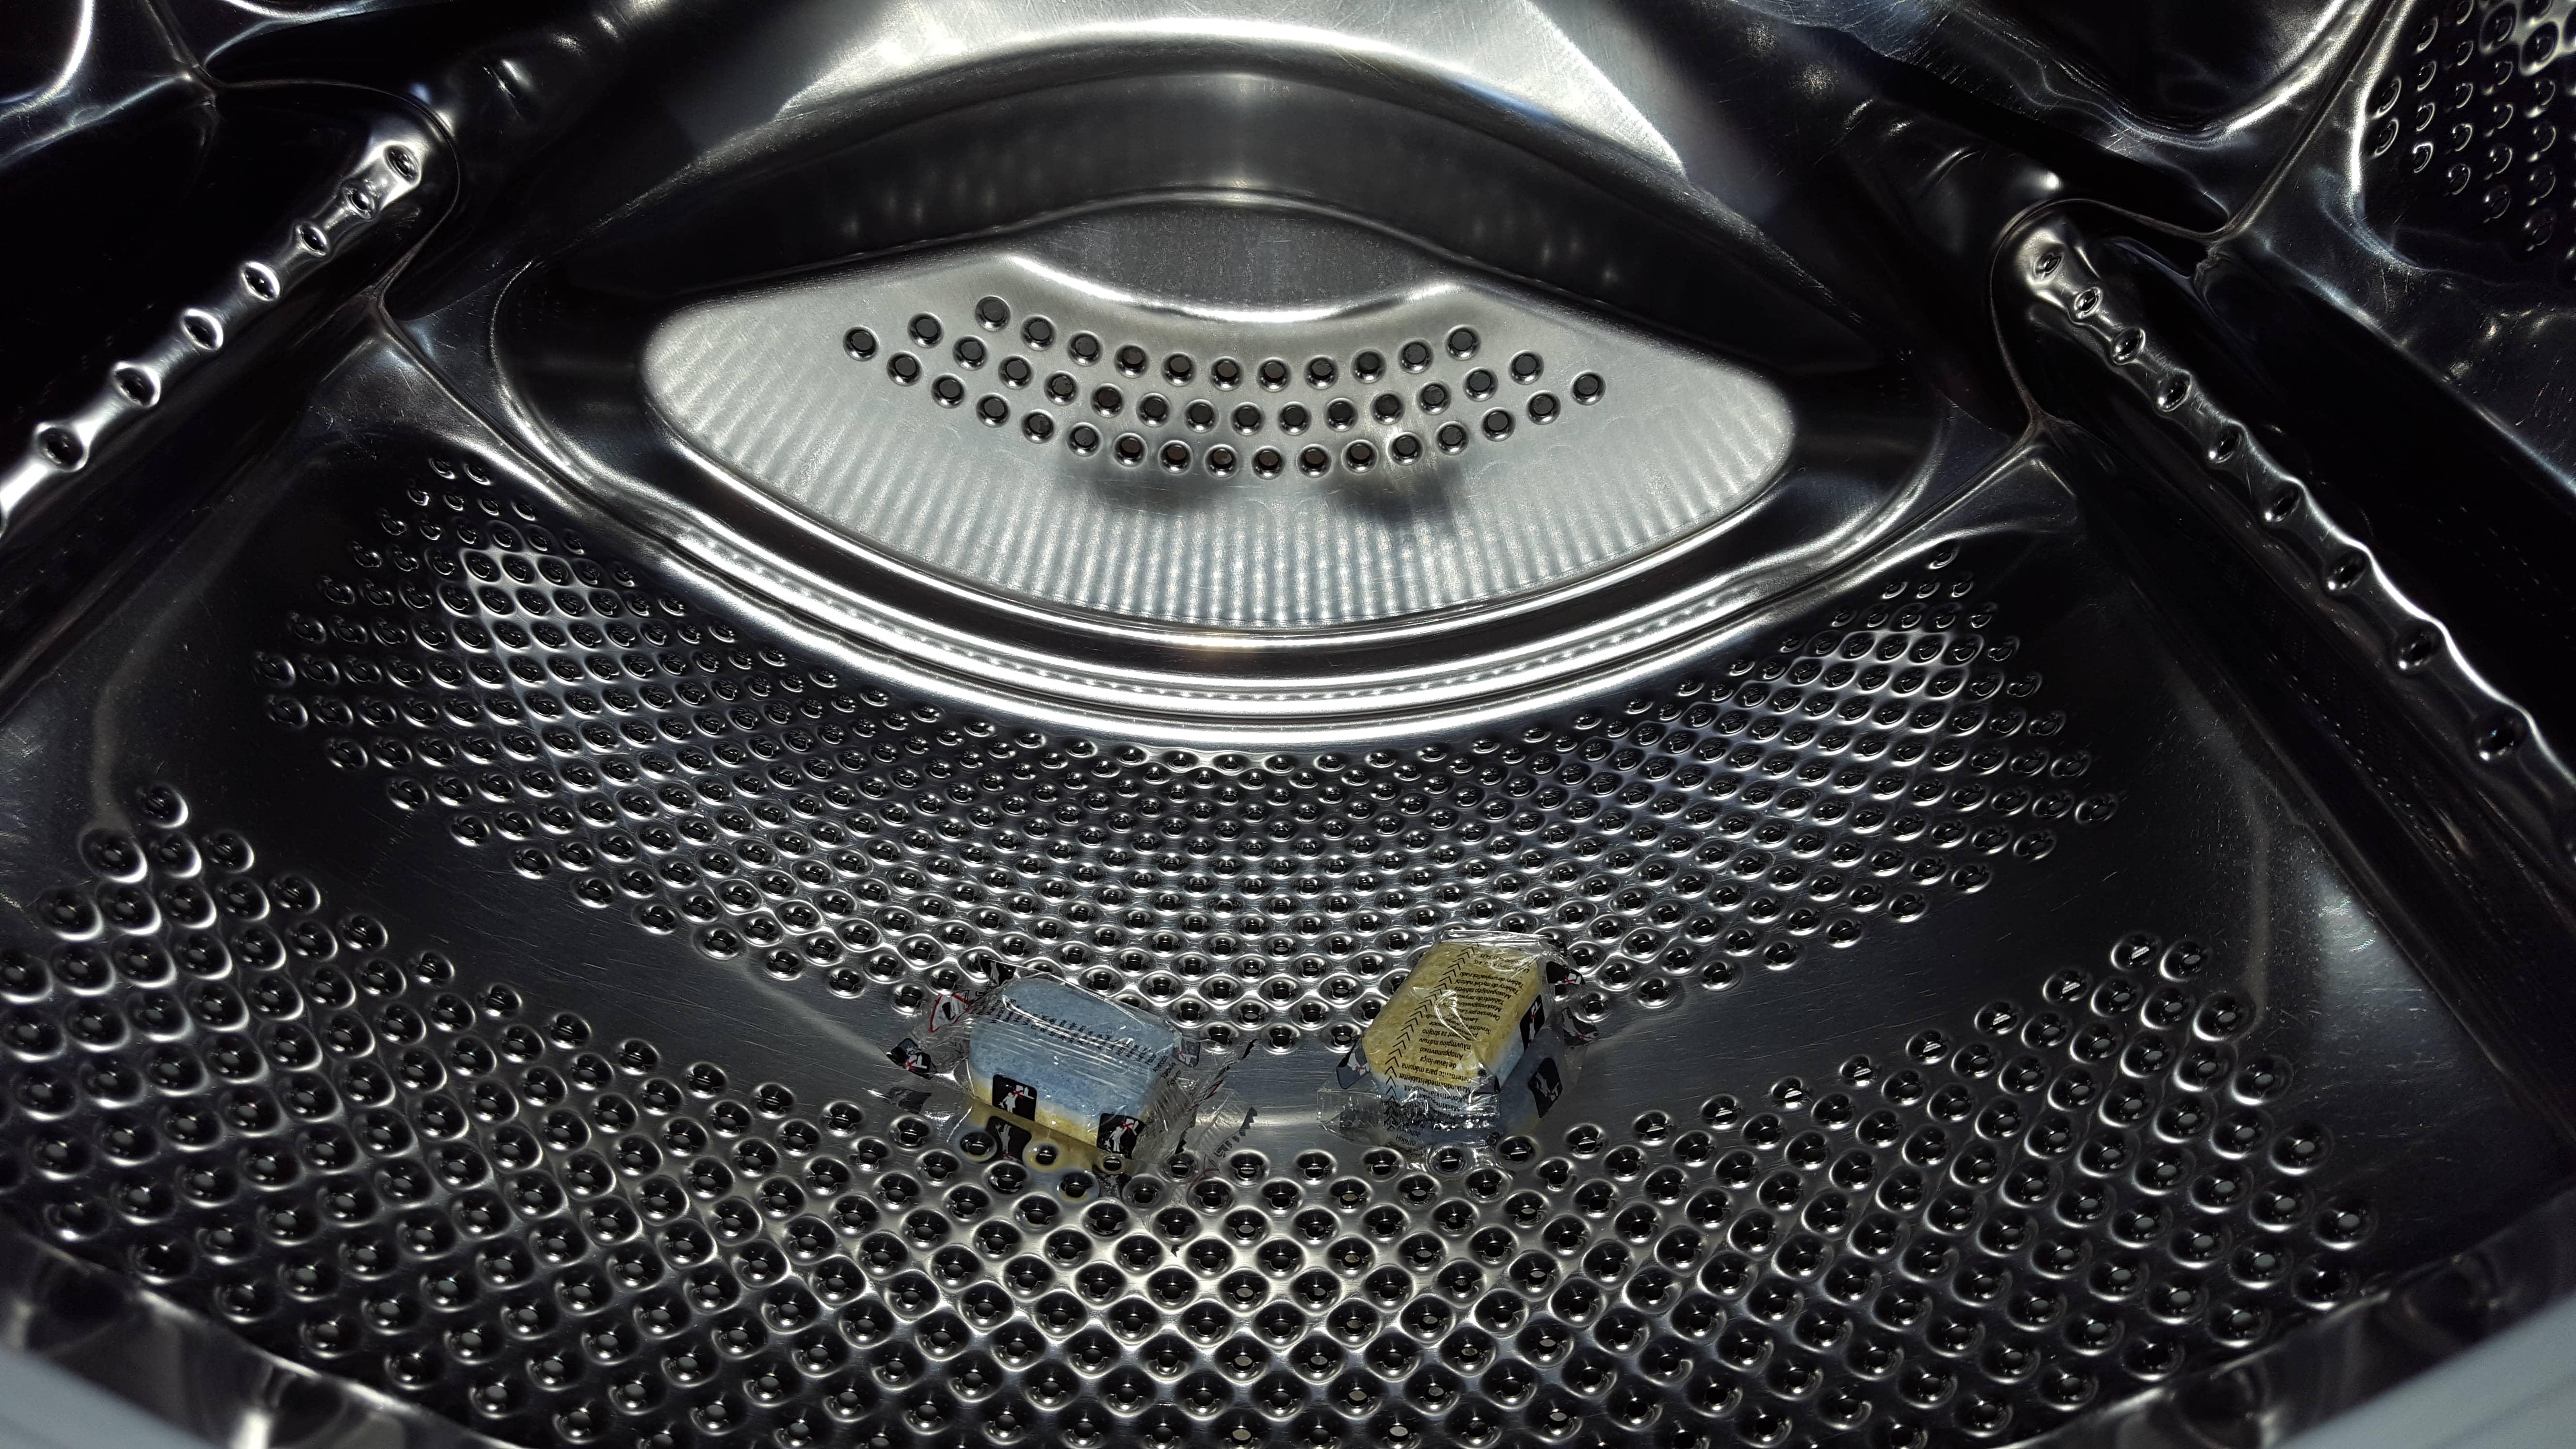 h h sp lmaschinentabs in der waschmaschine dieser trick. Black Bedroom Furniture Sets. Home Design Ideas